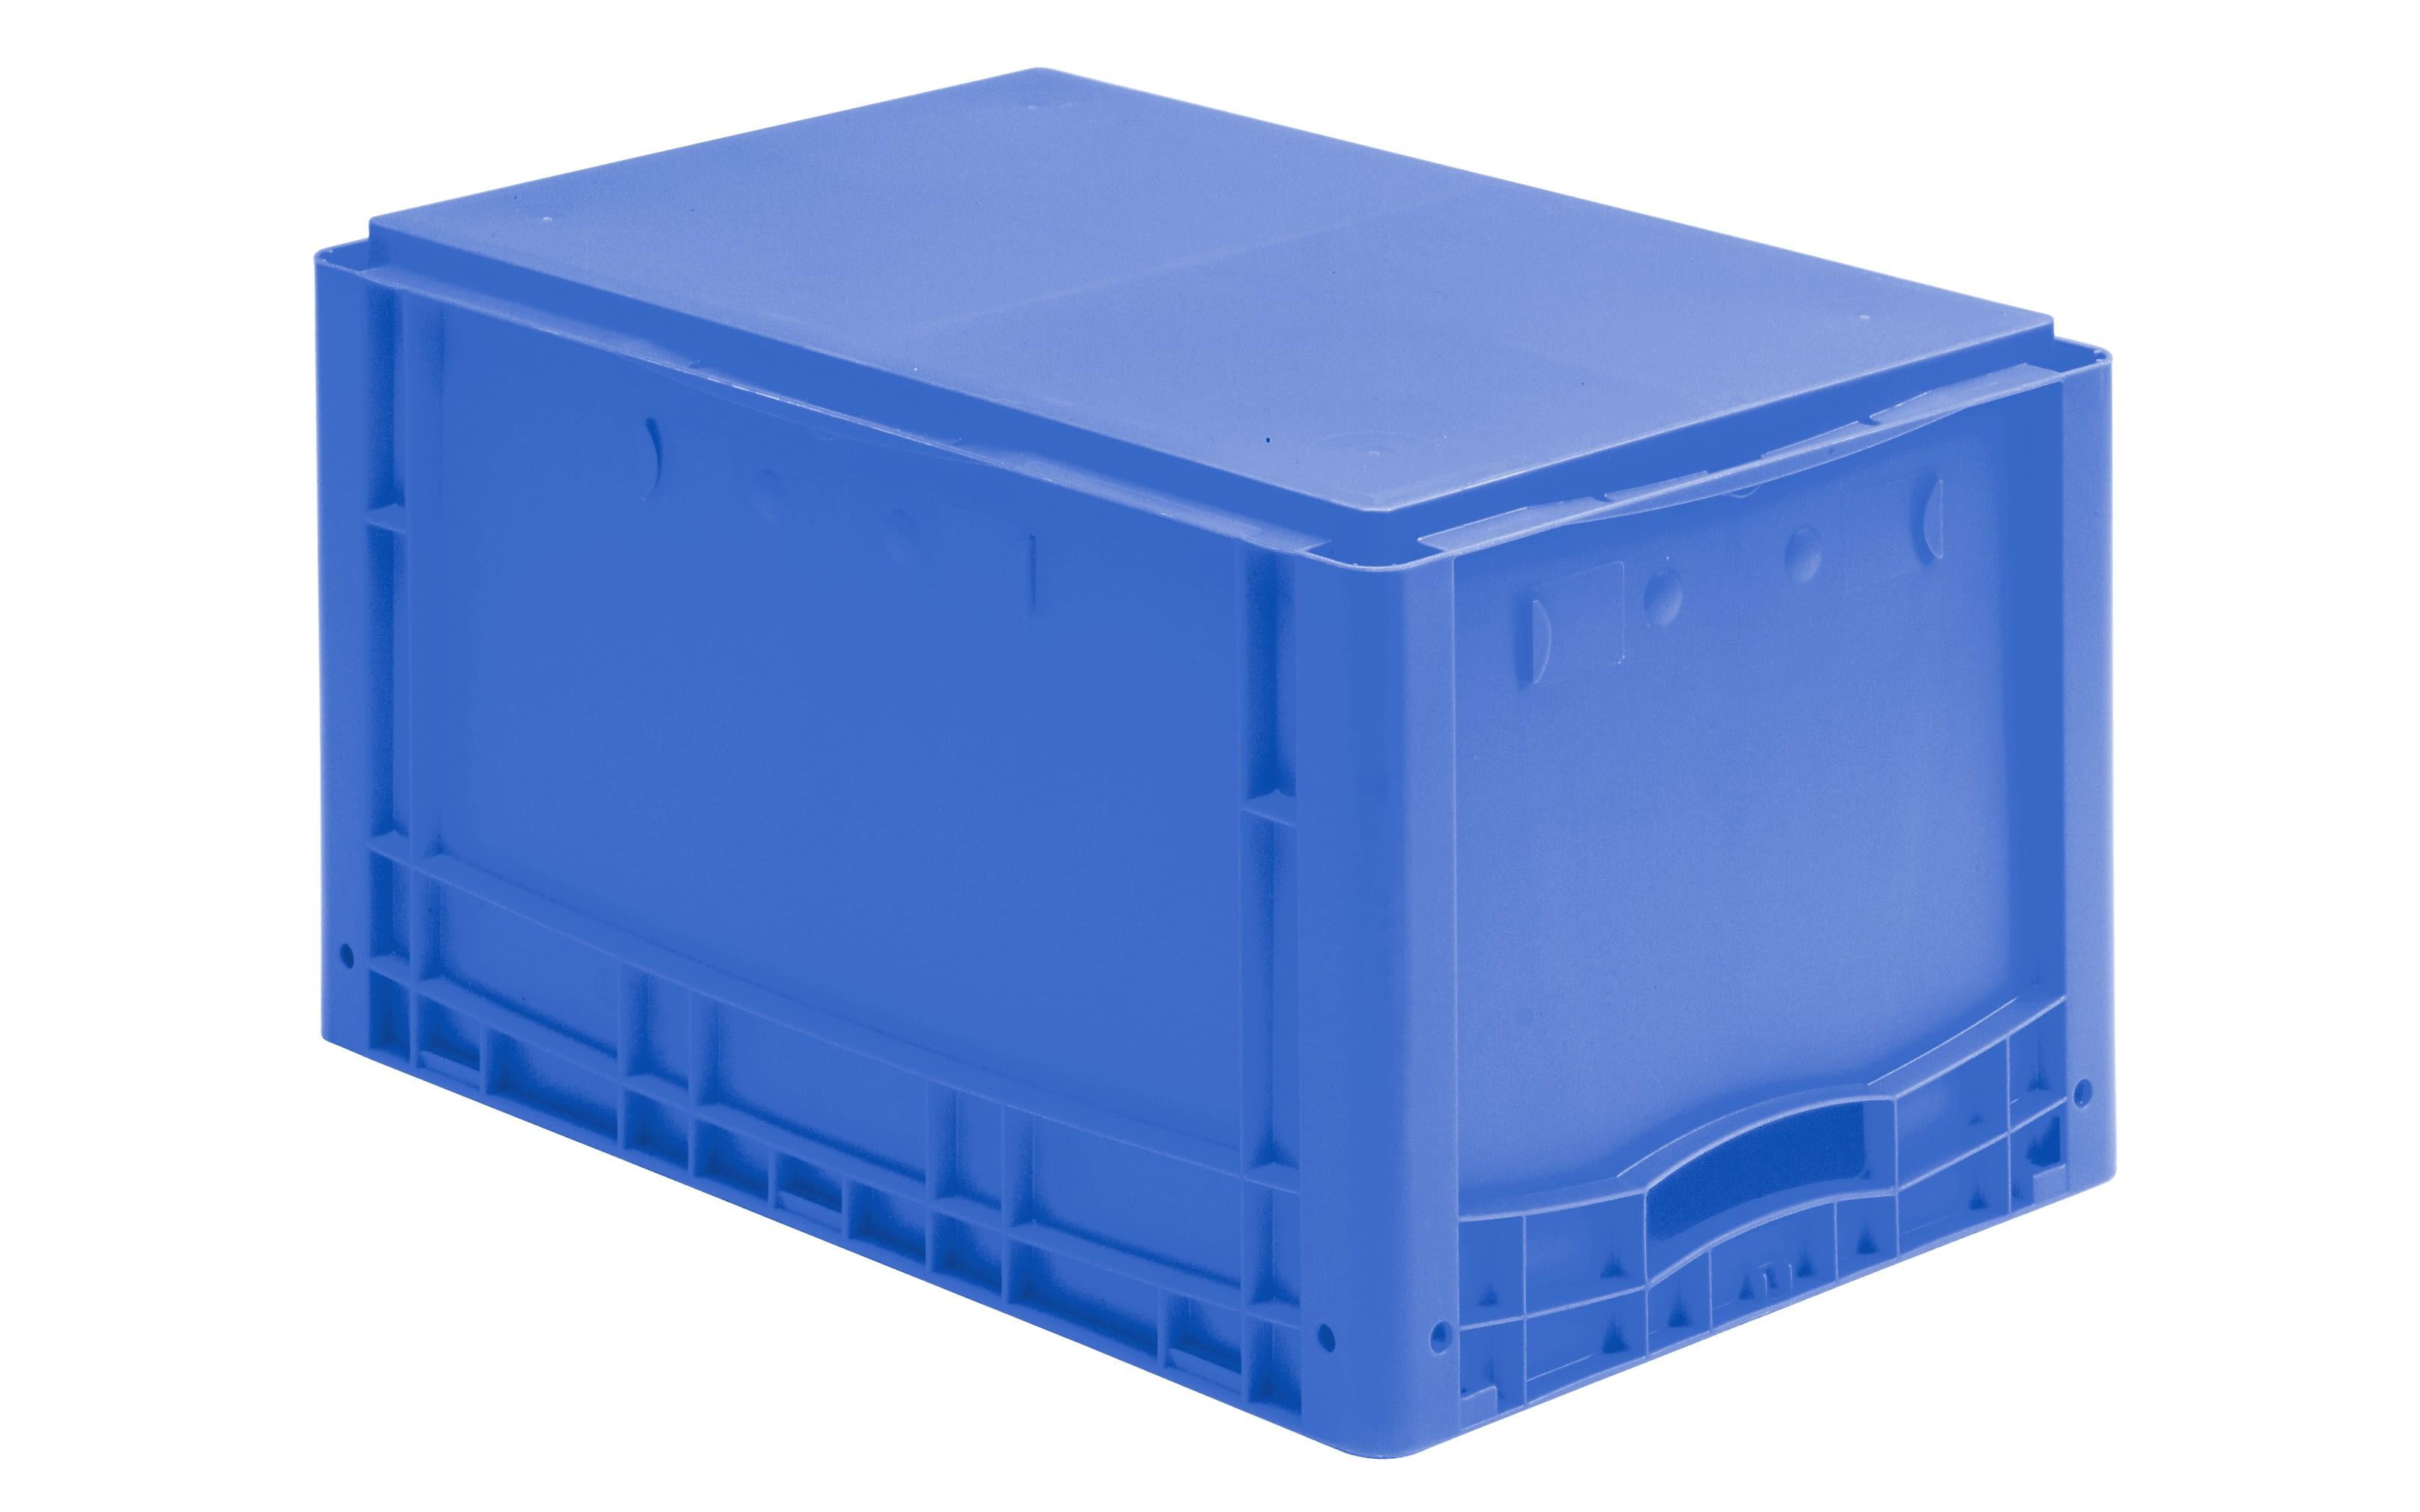 Bacs gerbables norme Europe, série XL, parois fermées, bleu, IMG_18554